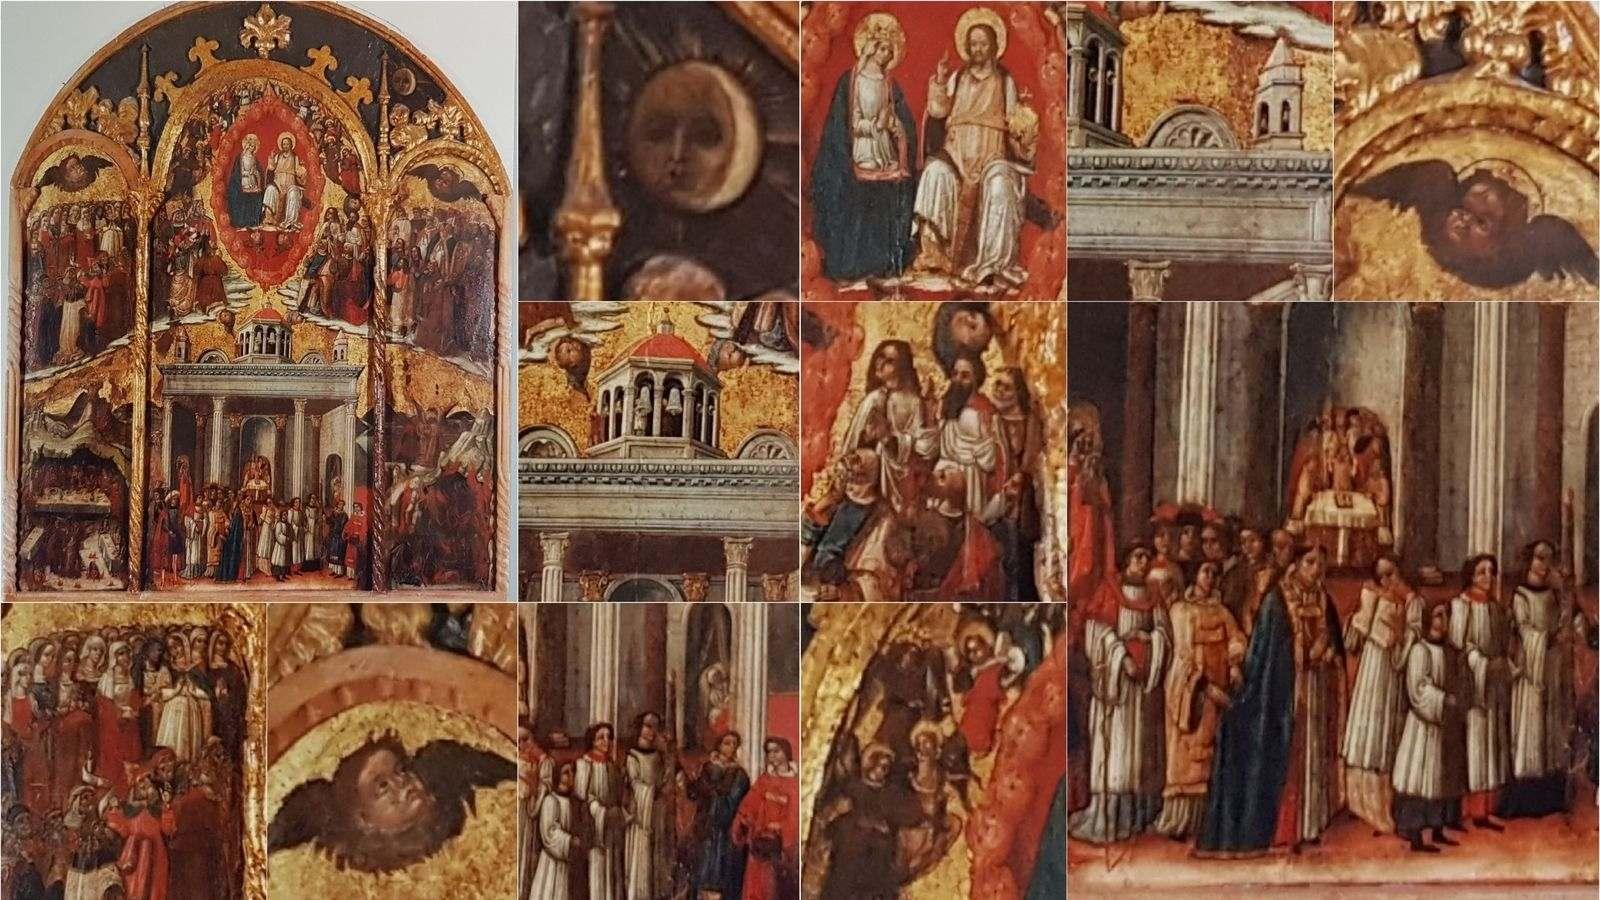 Uno scrigno di opere d'arte - Trittico dei Santi, sec. XV